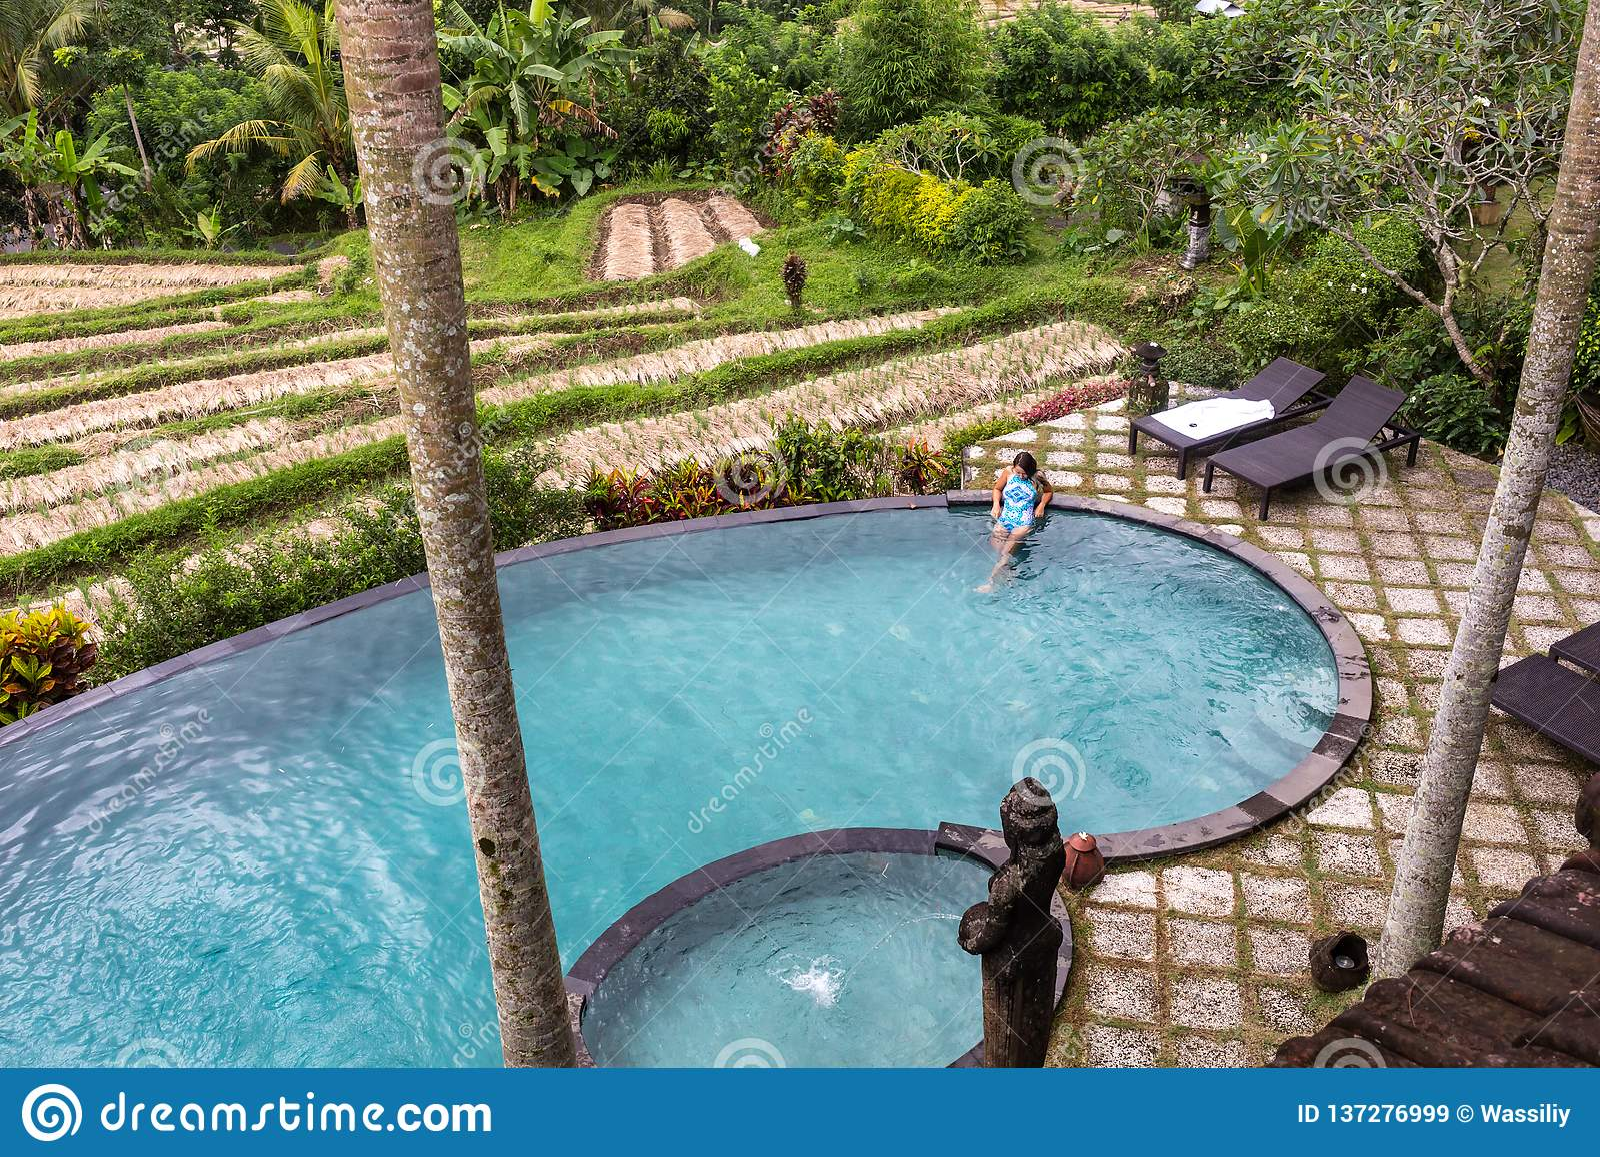 Девушка в пейзажном бассейне к джунглям с palmtrees